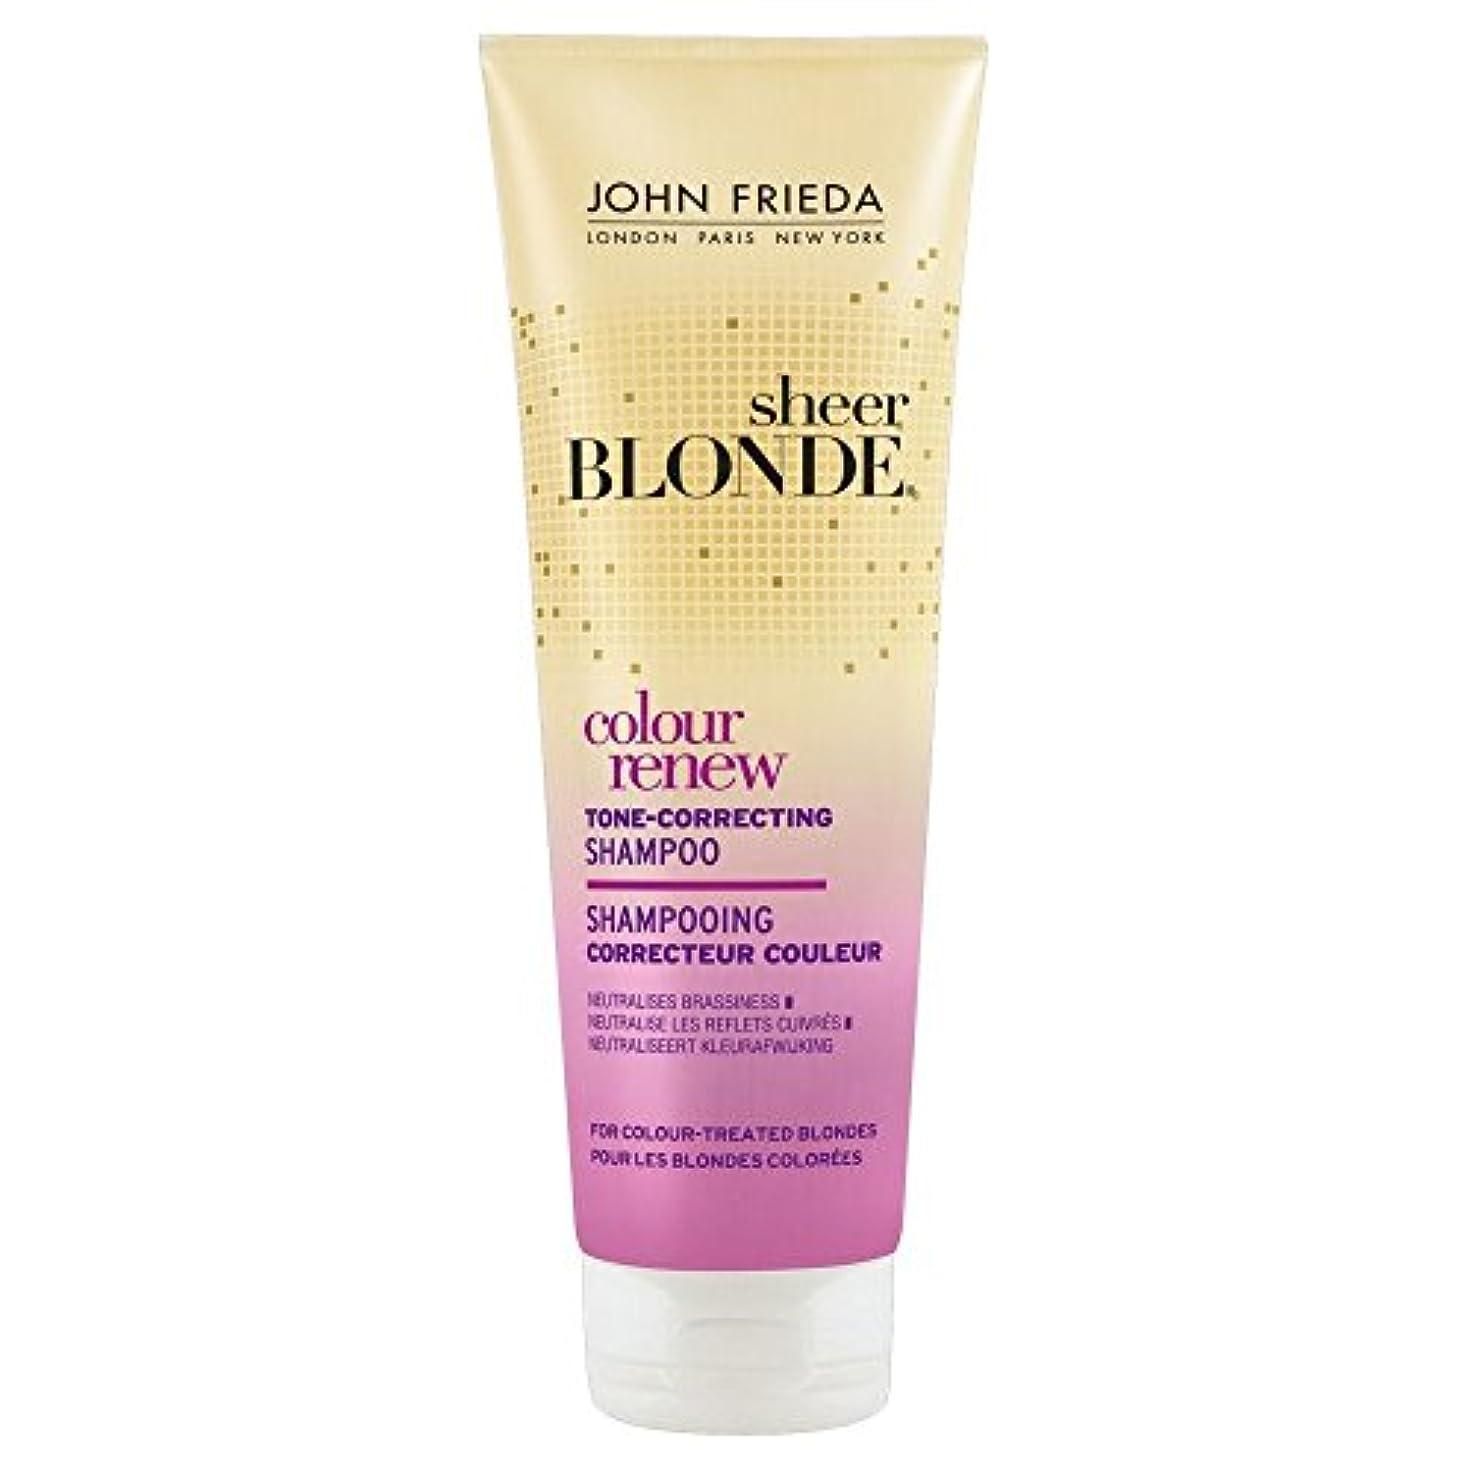 プロペラ助けて逃すJohn Frieda Sheer Blonde Colour Renew Tone Correcting Shampoo (250ml) ジョン?フリーダ全くのブロンド色は色調を補正シャンプー( 250ミリリットル)を...